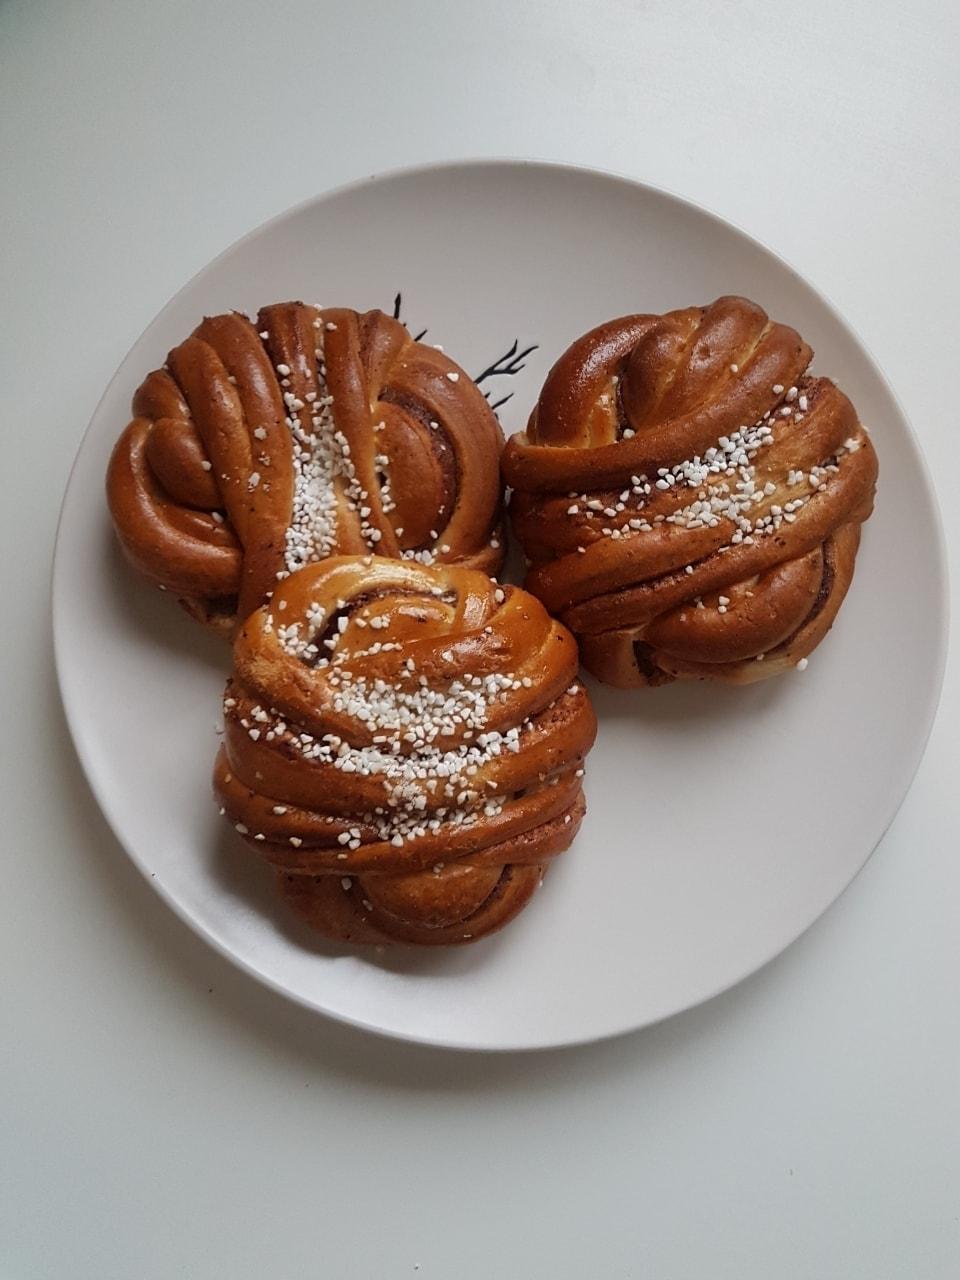 Cinnamon buns x3